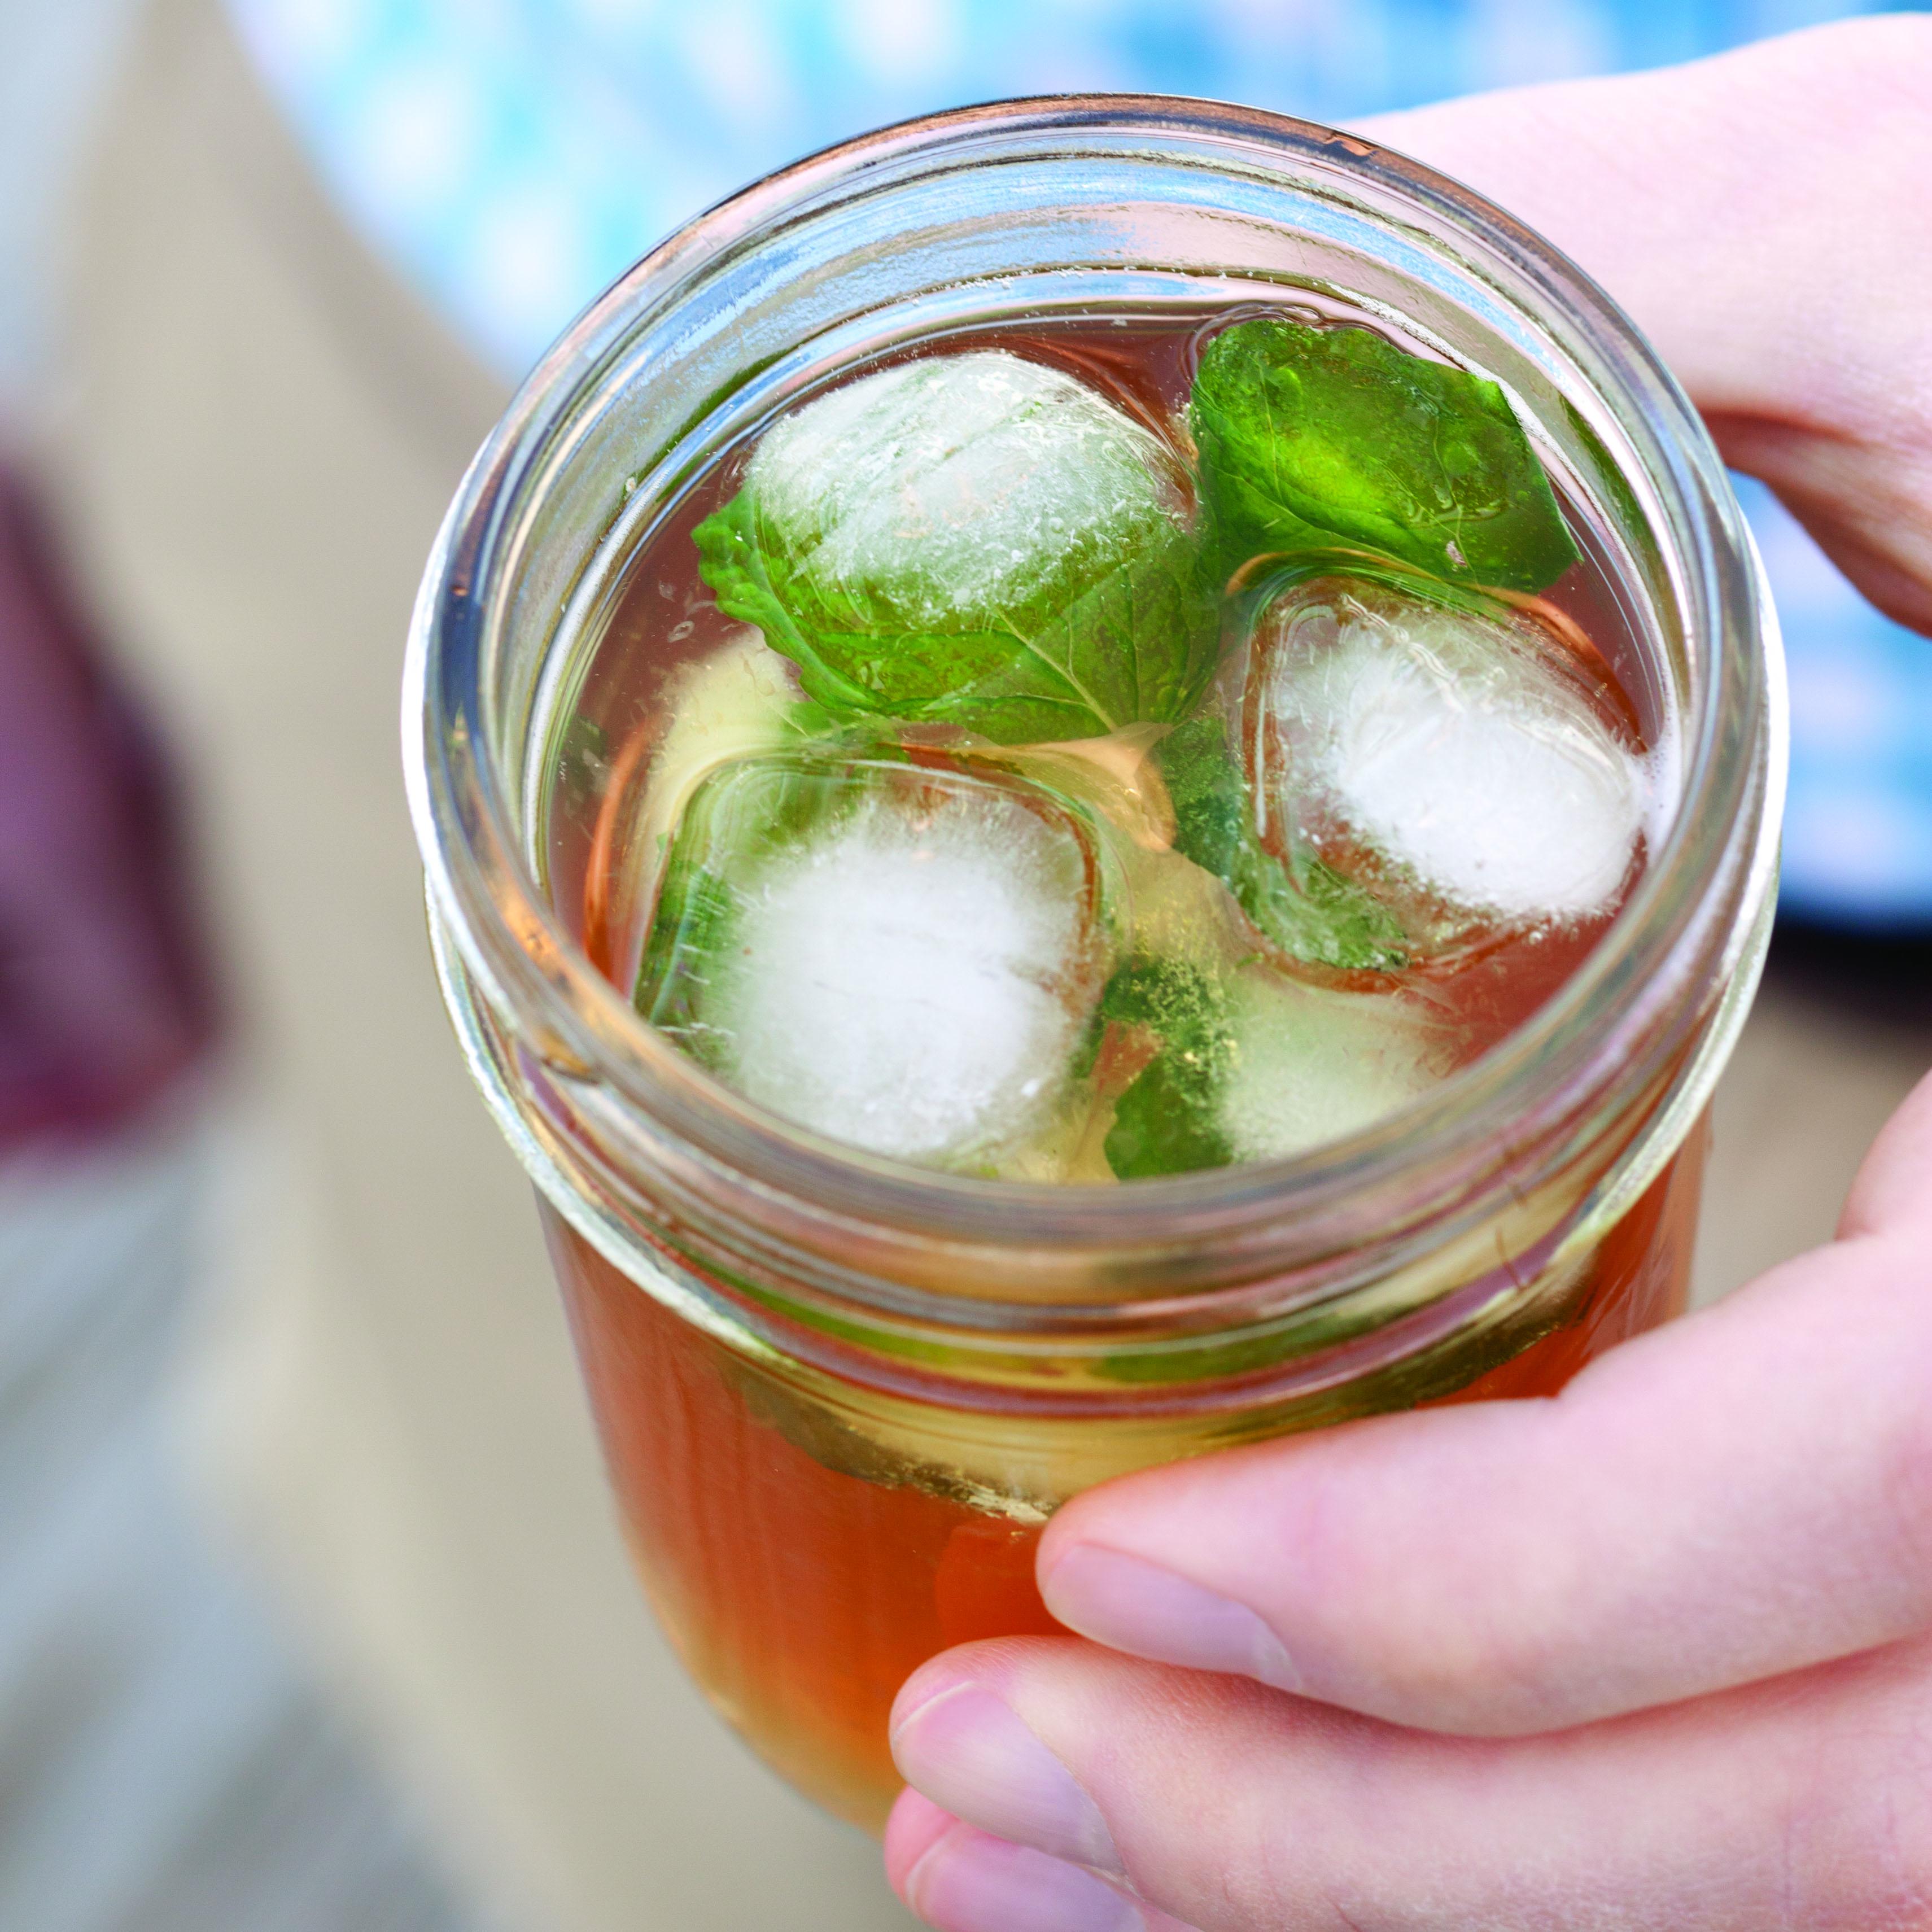 Spiked-Sweet-Tea-Lemonade.jpg